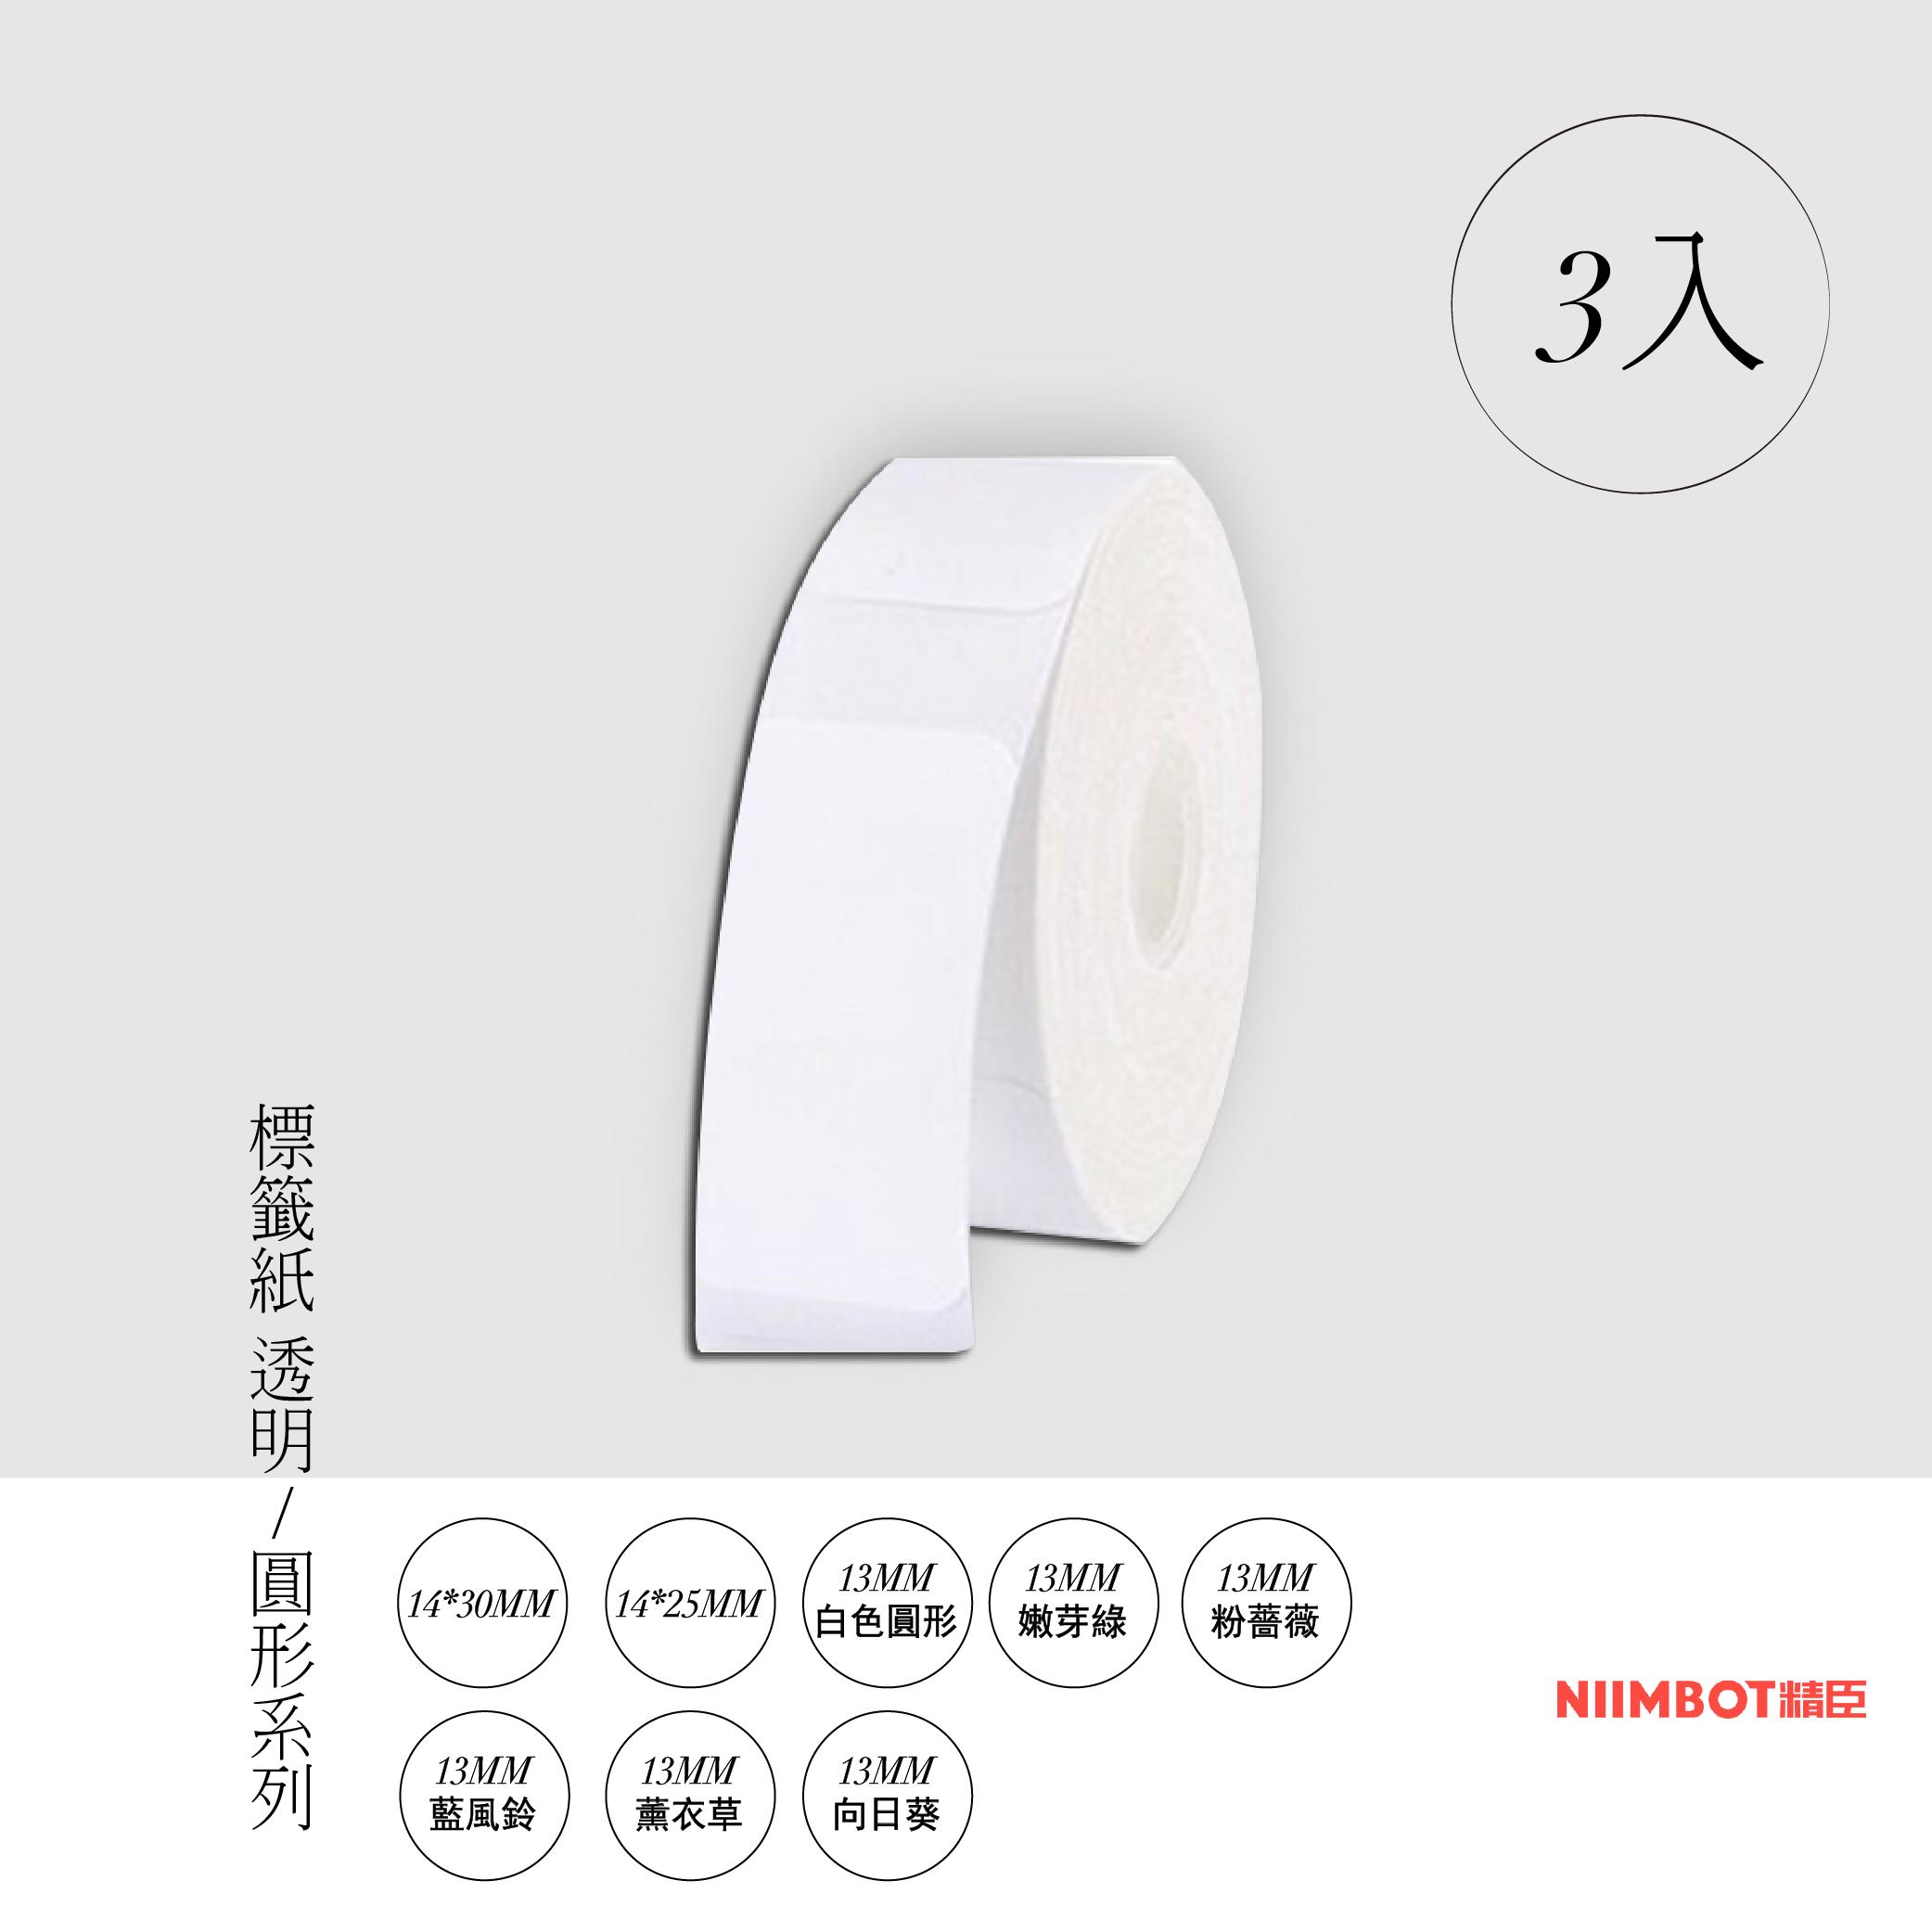 【精臣】D11標籤紙 透明/圓形標籤3入